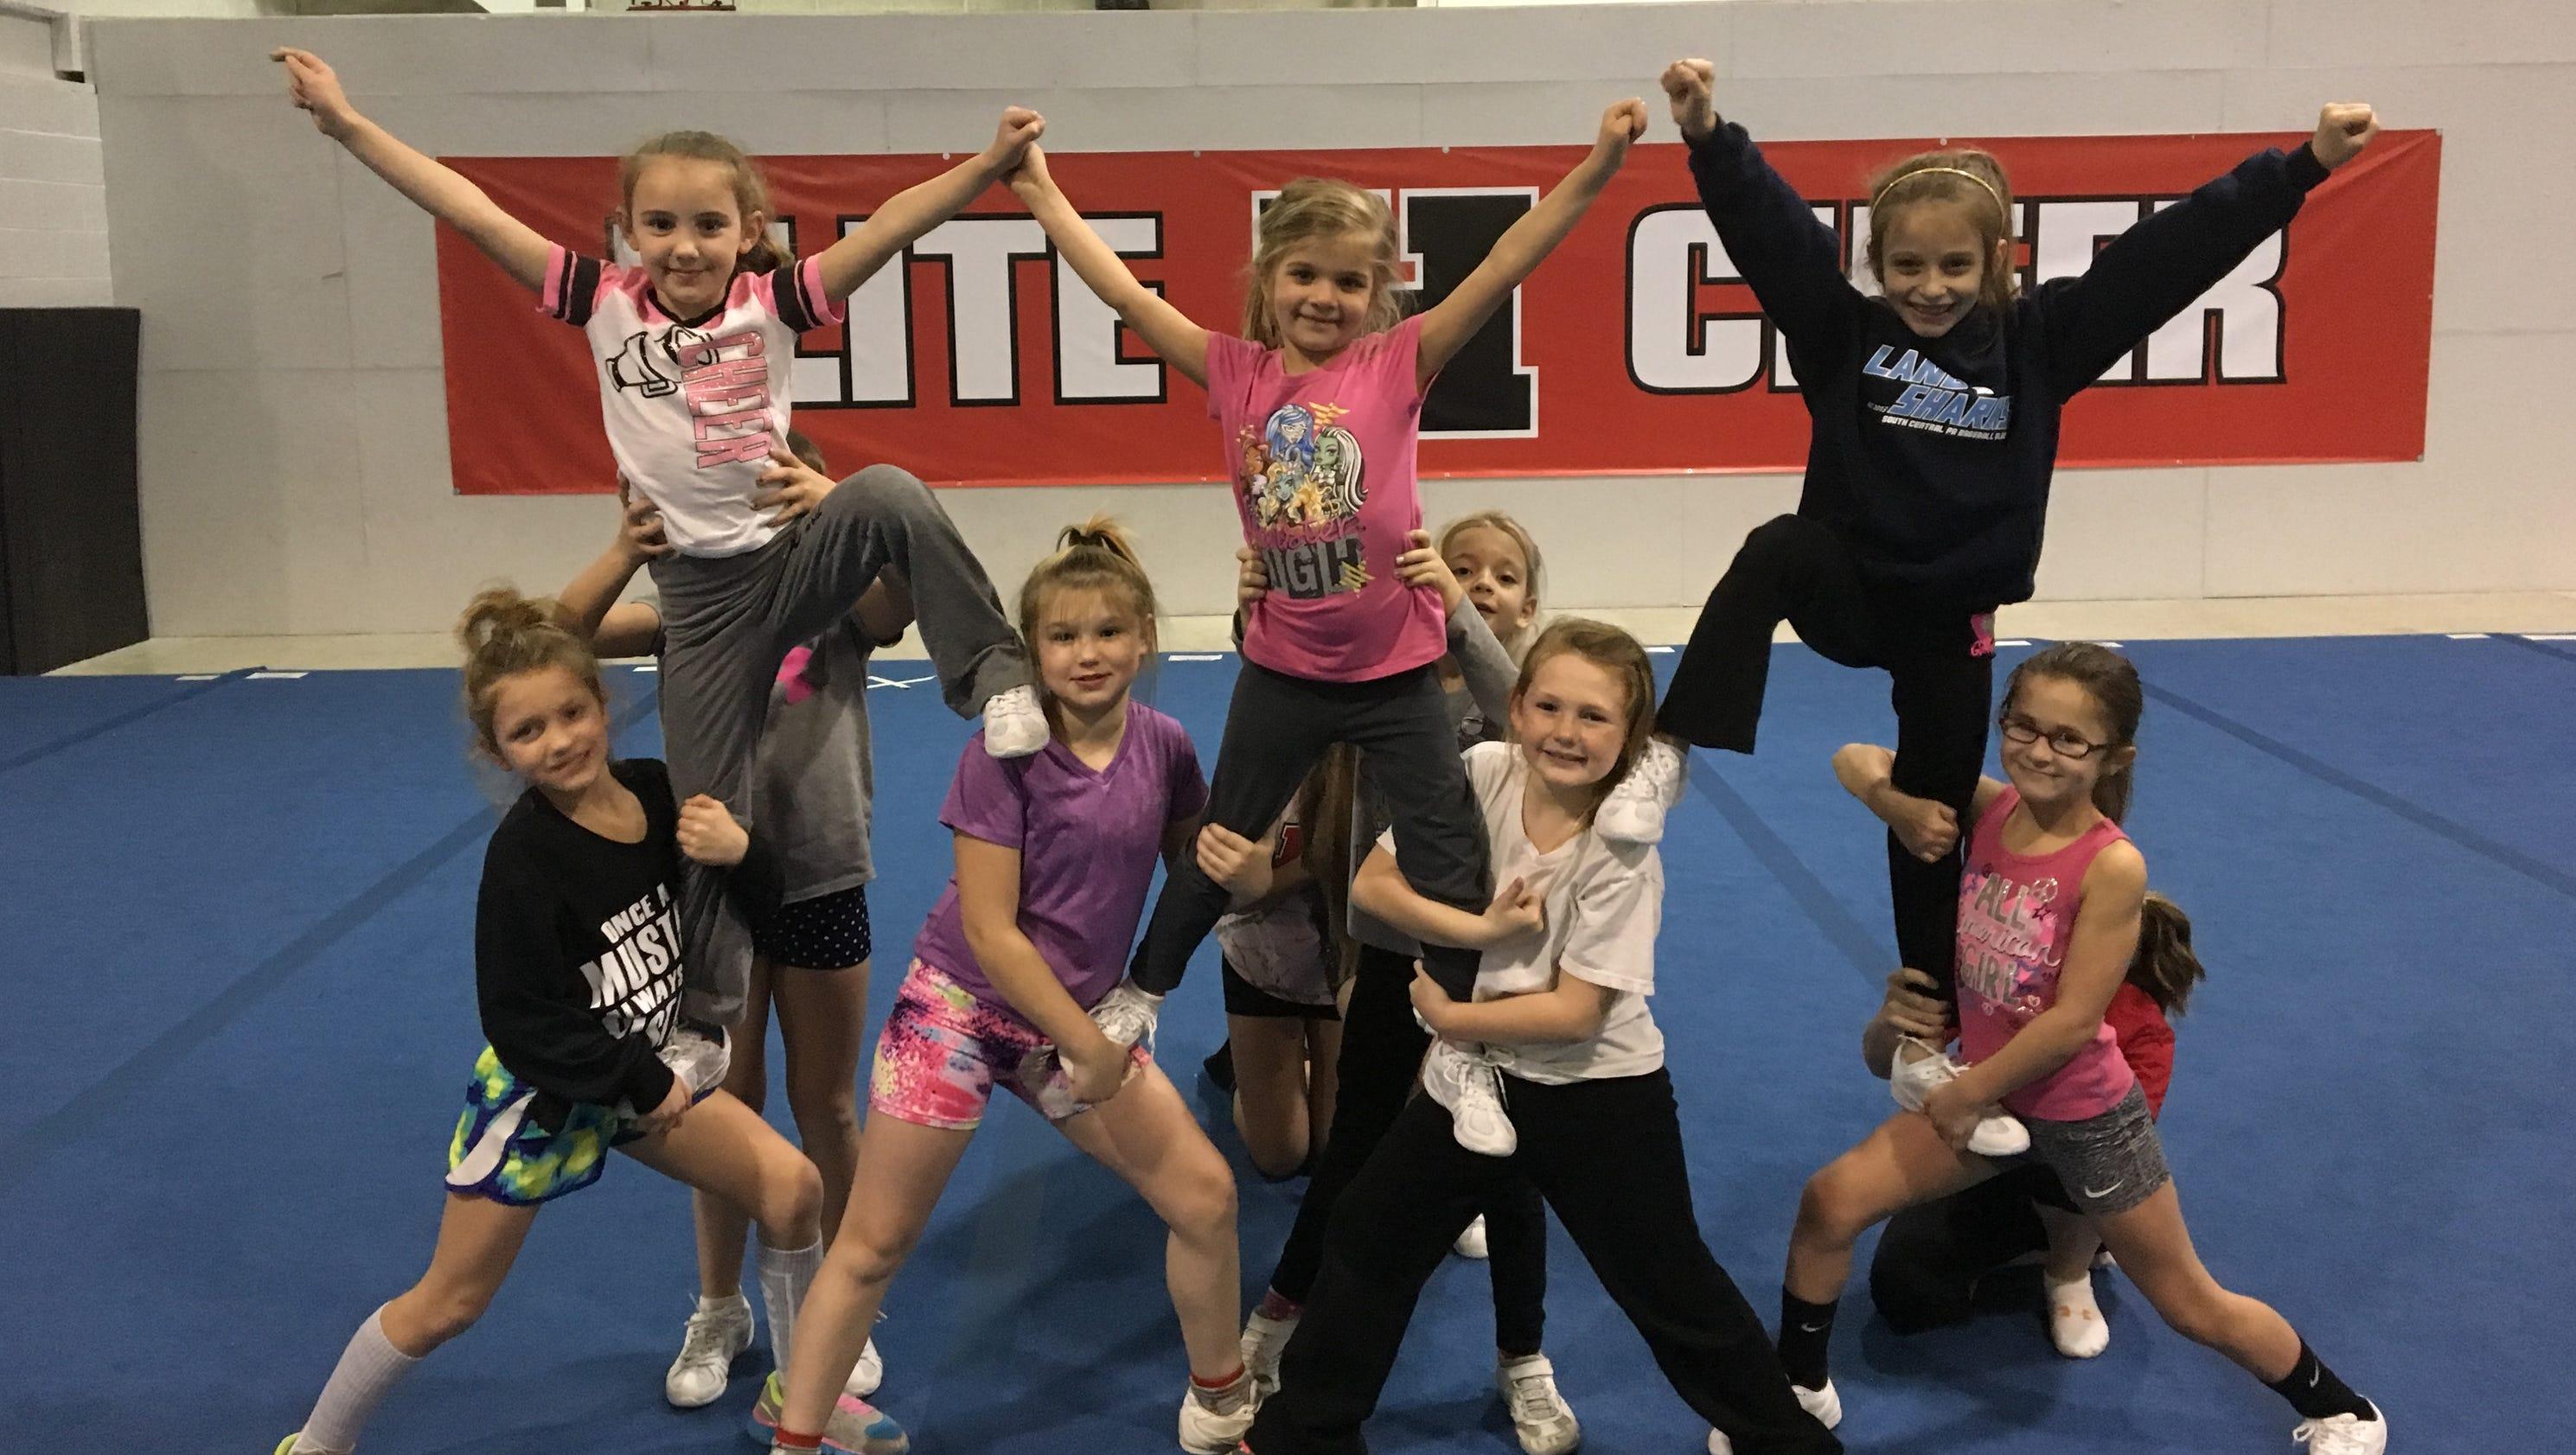 Team Building For Cheerleaders